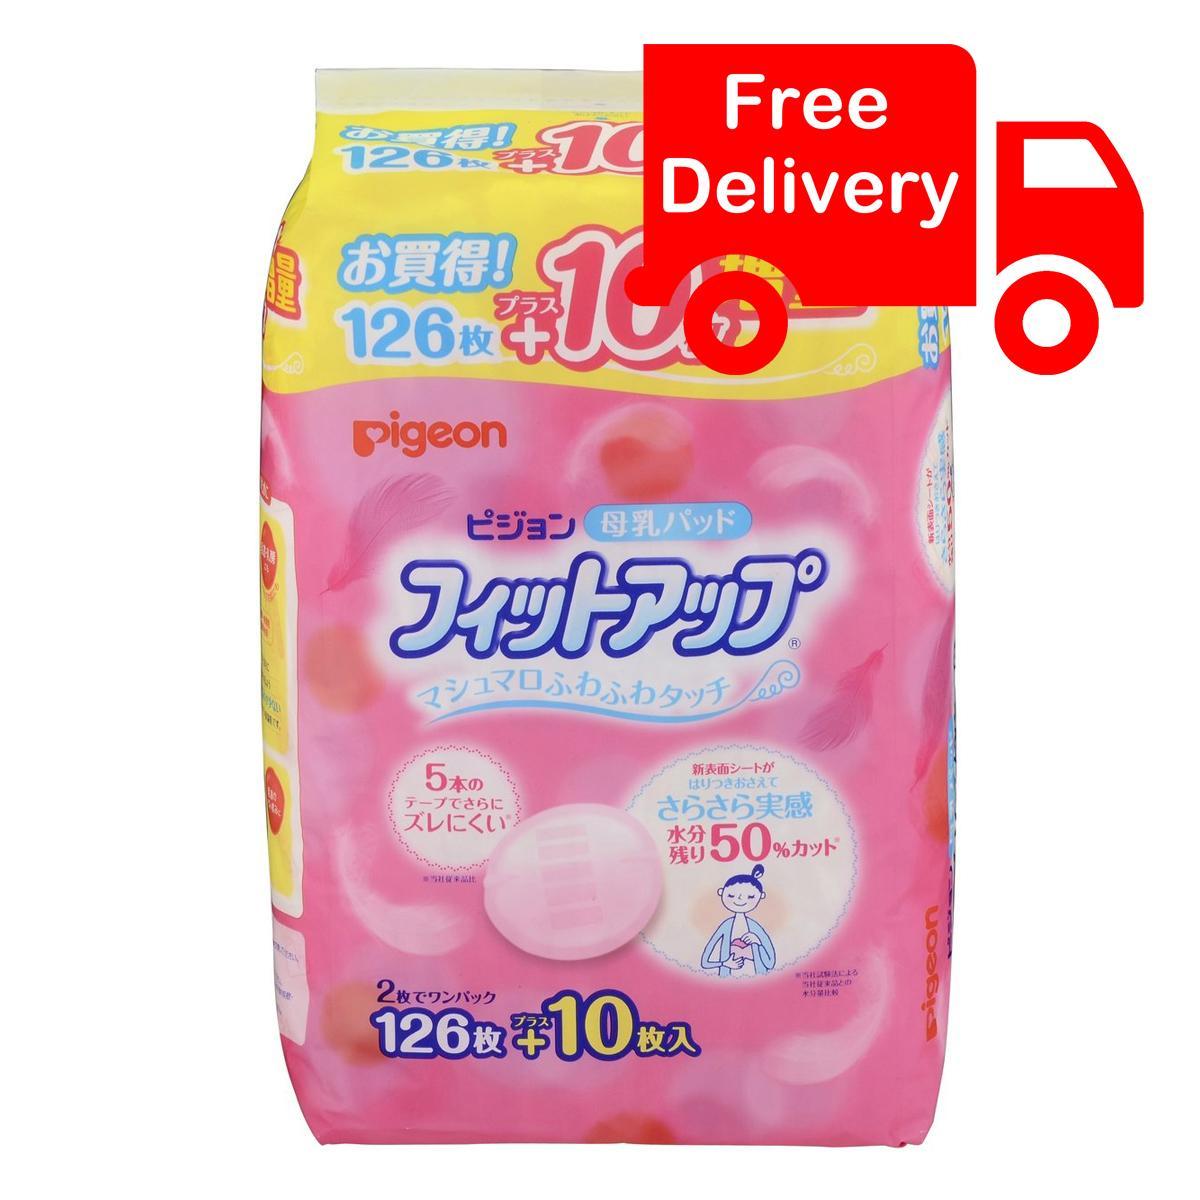 Pigeon*japan* Fit-Up Breast Pads (126 Pcs) + 10 Pcs By Gobulk.